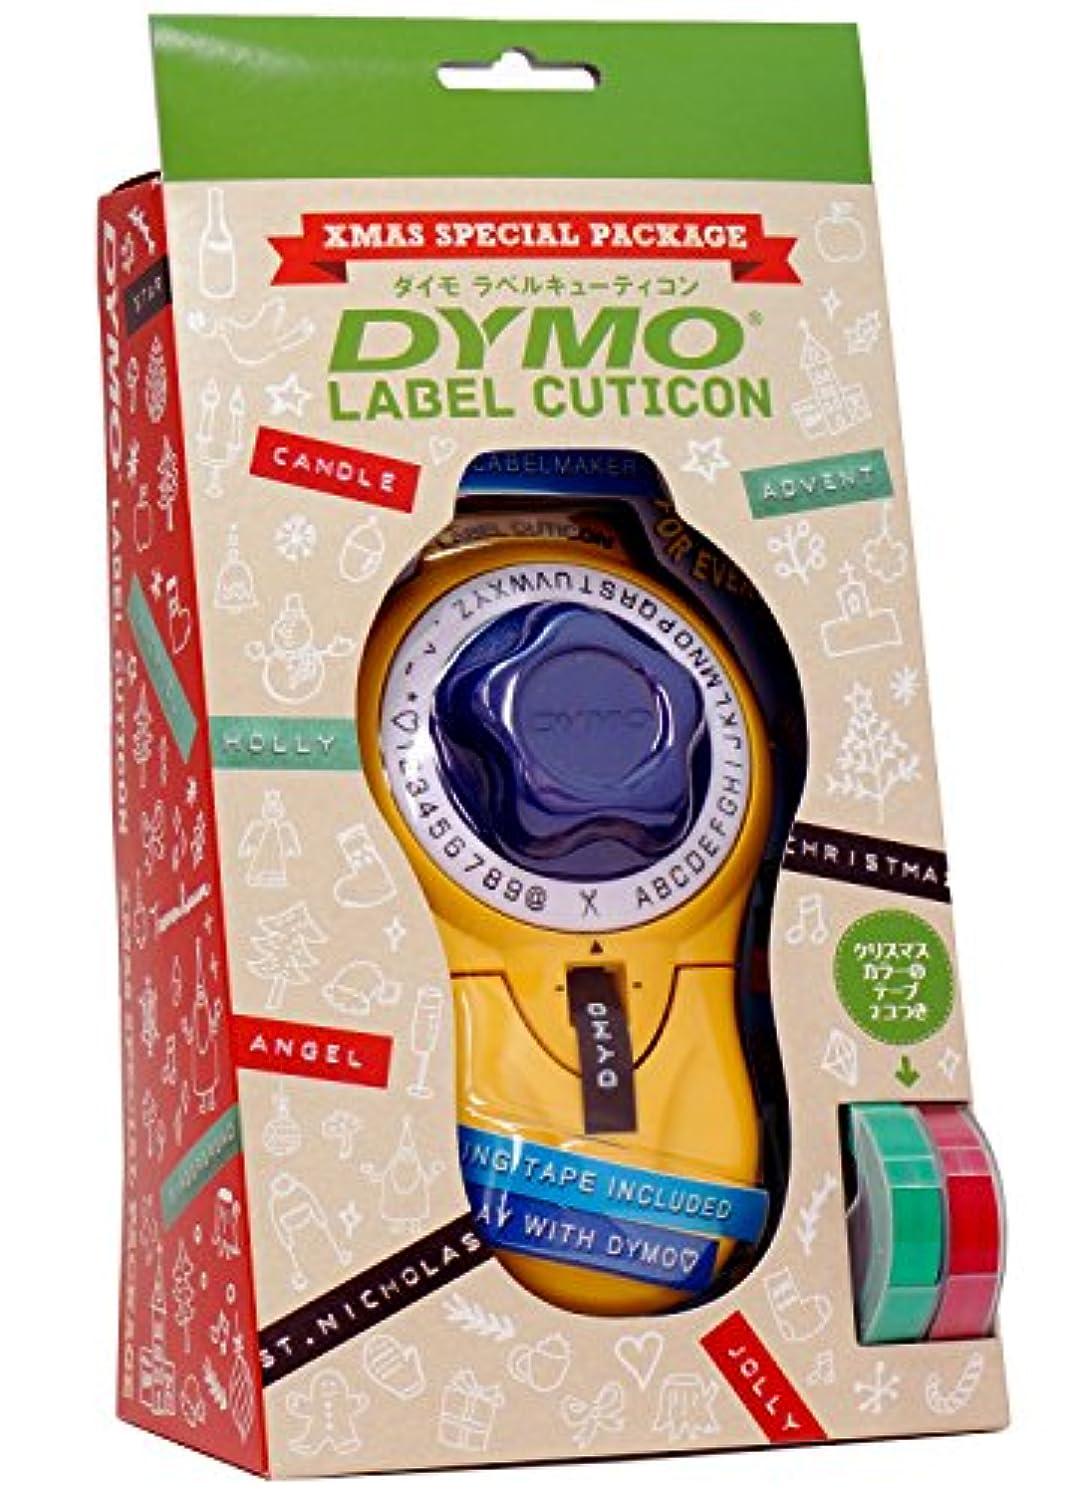 壁紙スタジアムスタジオダイモ テープライター キュティコン 9mm幅テープ対応 英数字 イエロー(本体色) テープ2巻付 DM20008CP